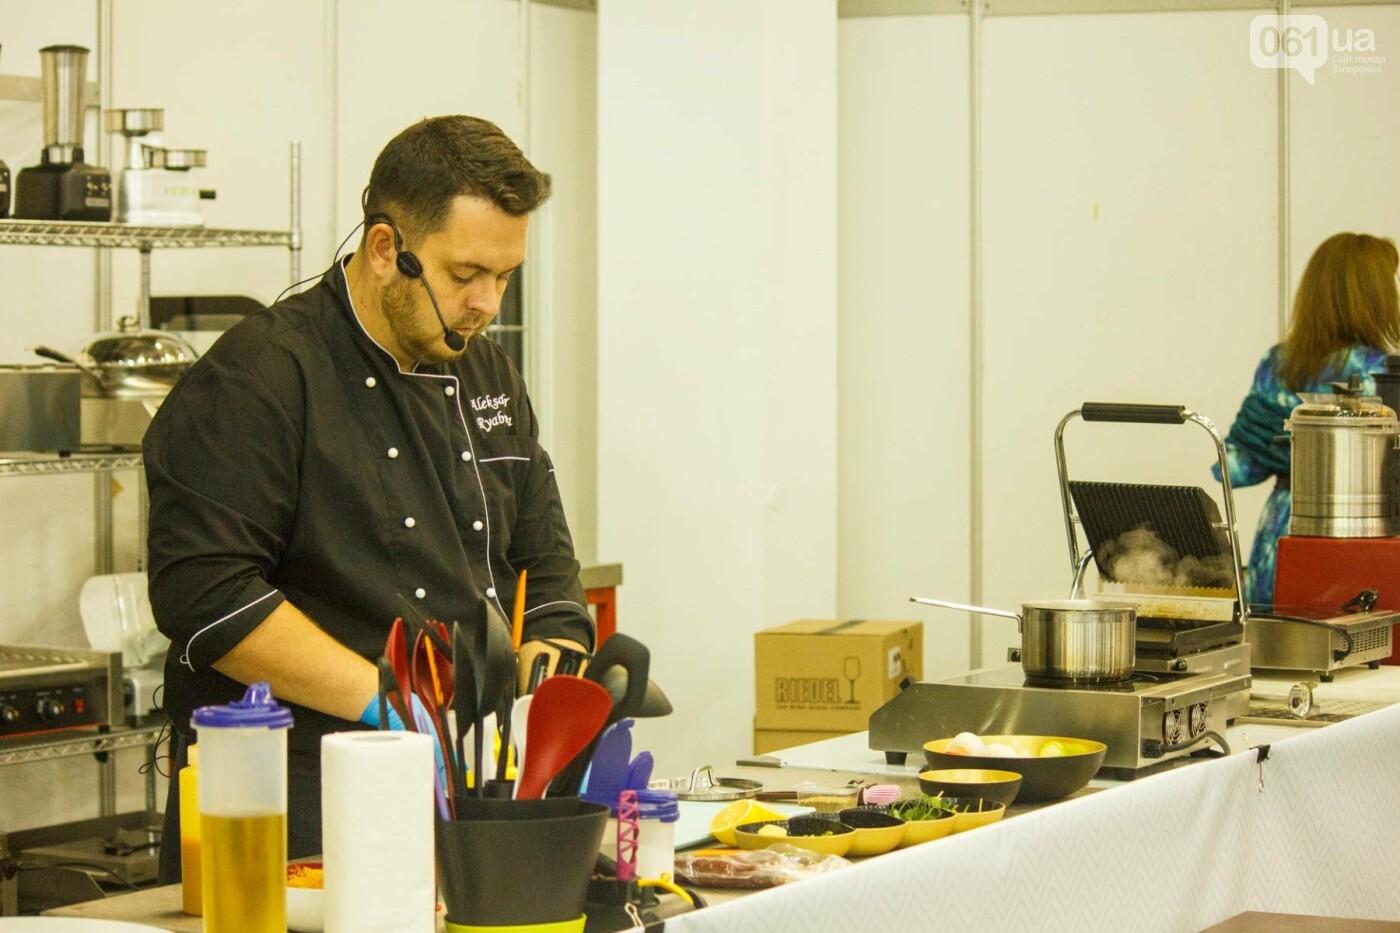 Шеф-повара запорожских ресторанов провели мастер-класс для горожан: как это было, - ФОТОРЕПОРТАЖ, фото-35